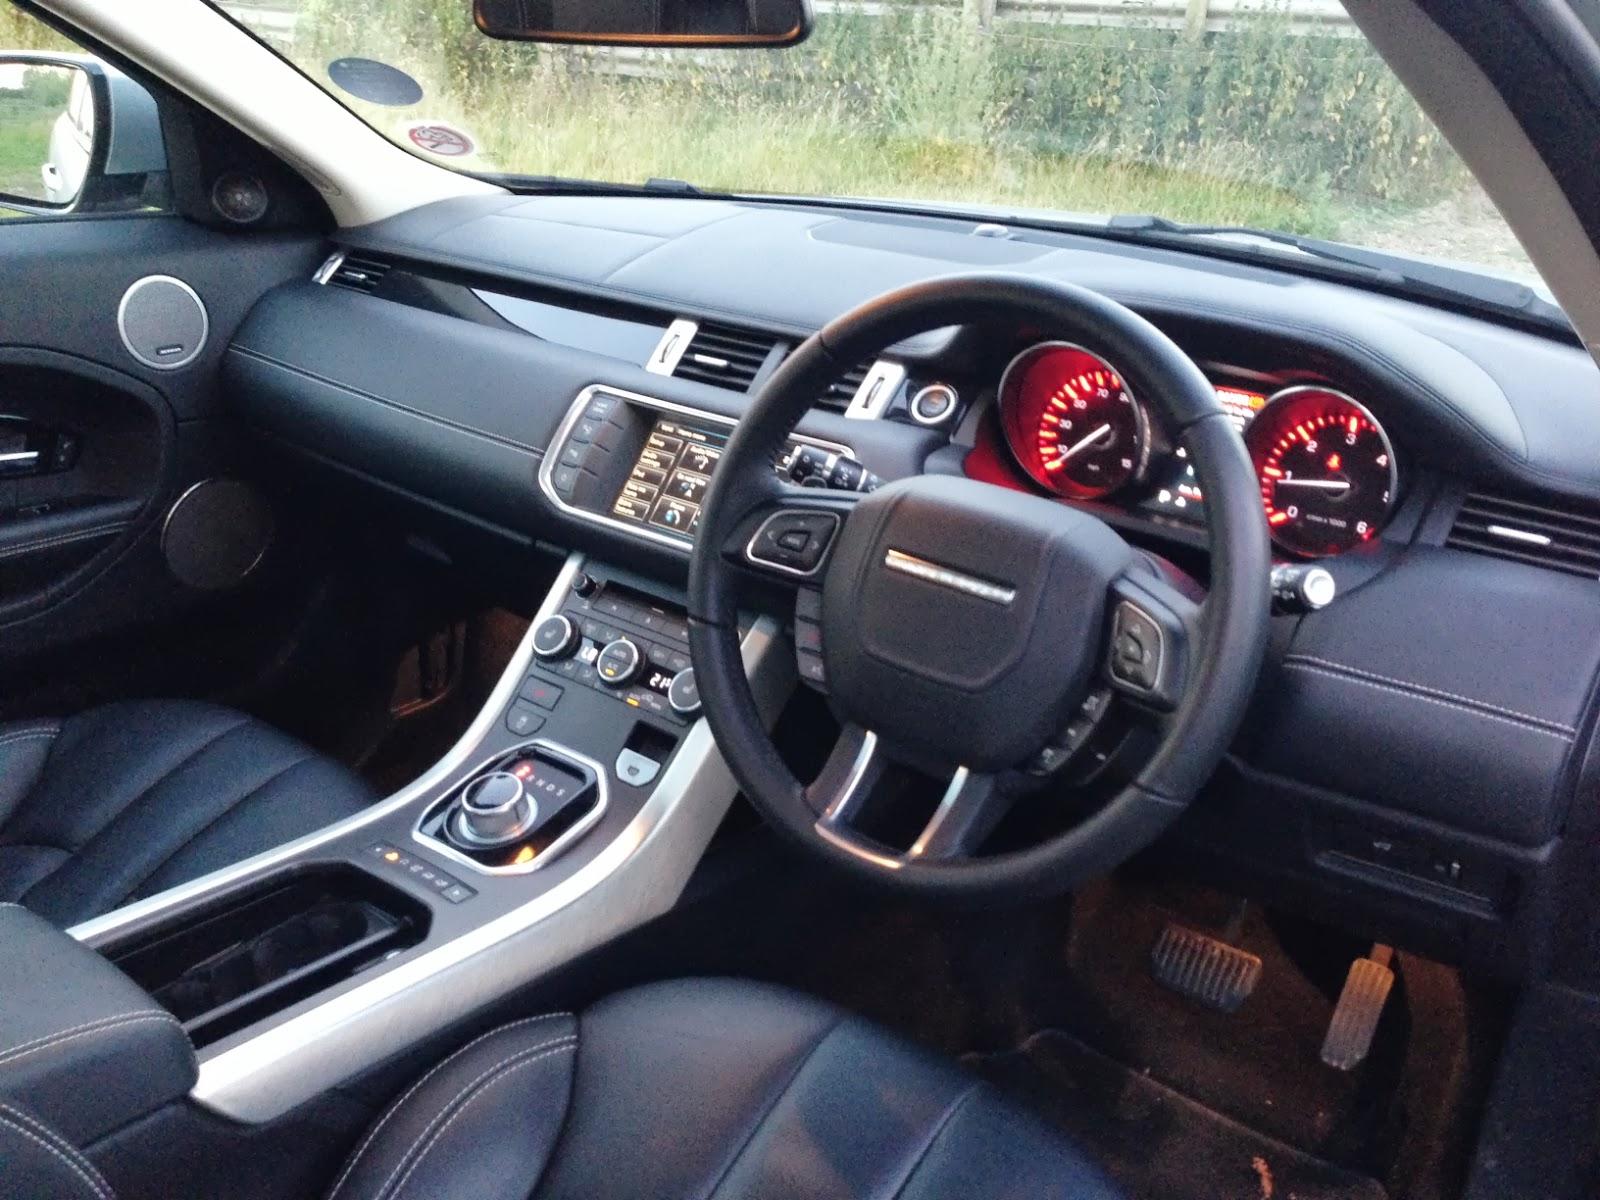 Speedmonkey Range Rover Evoque review